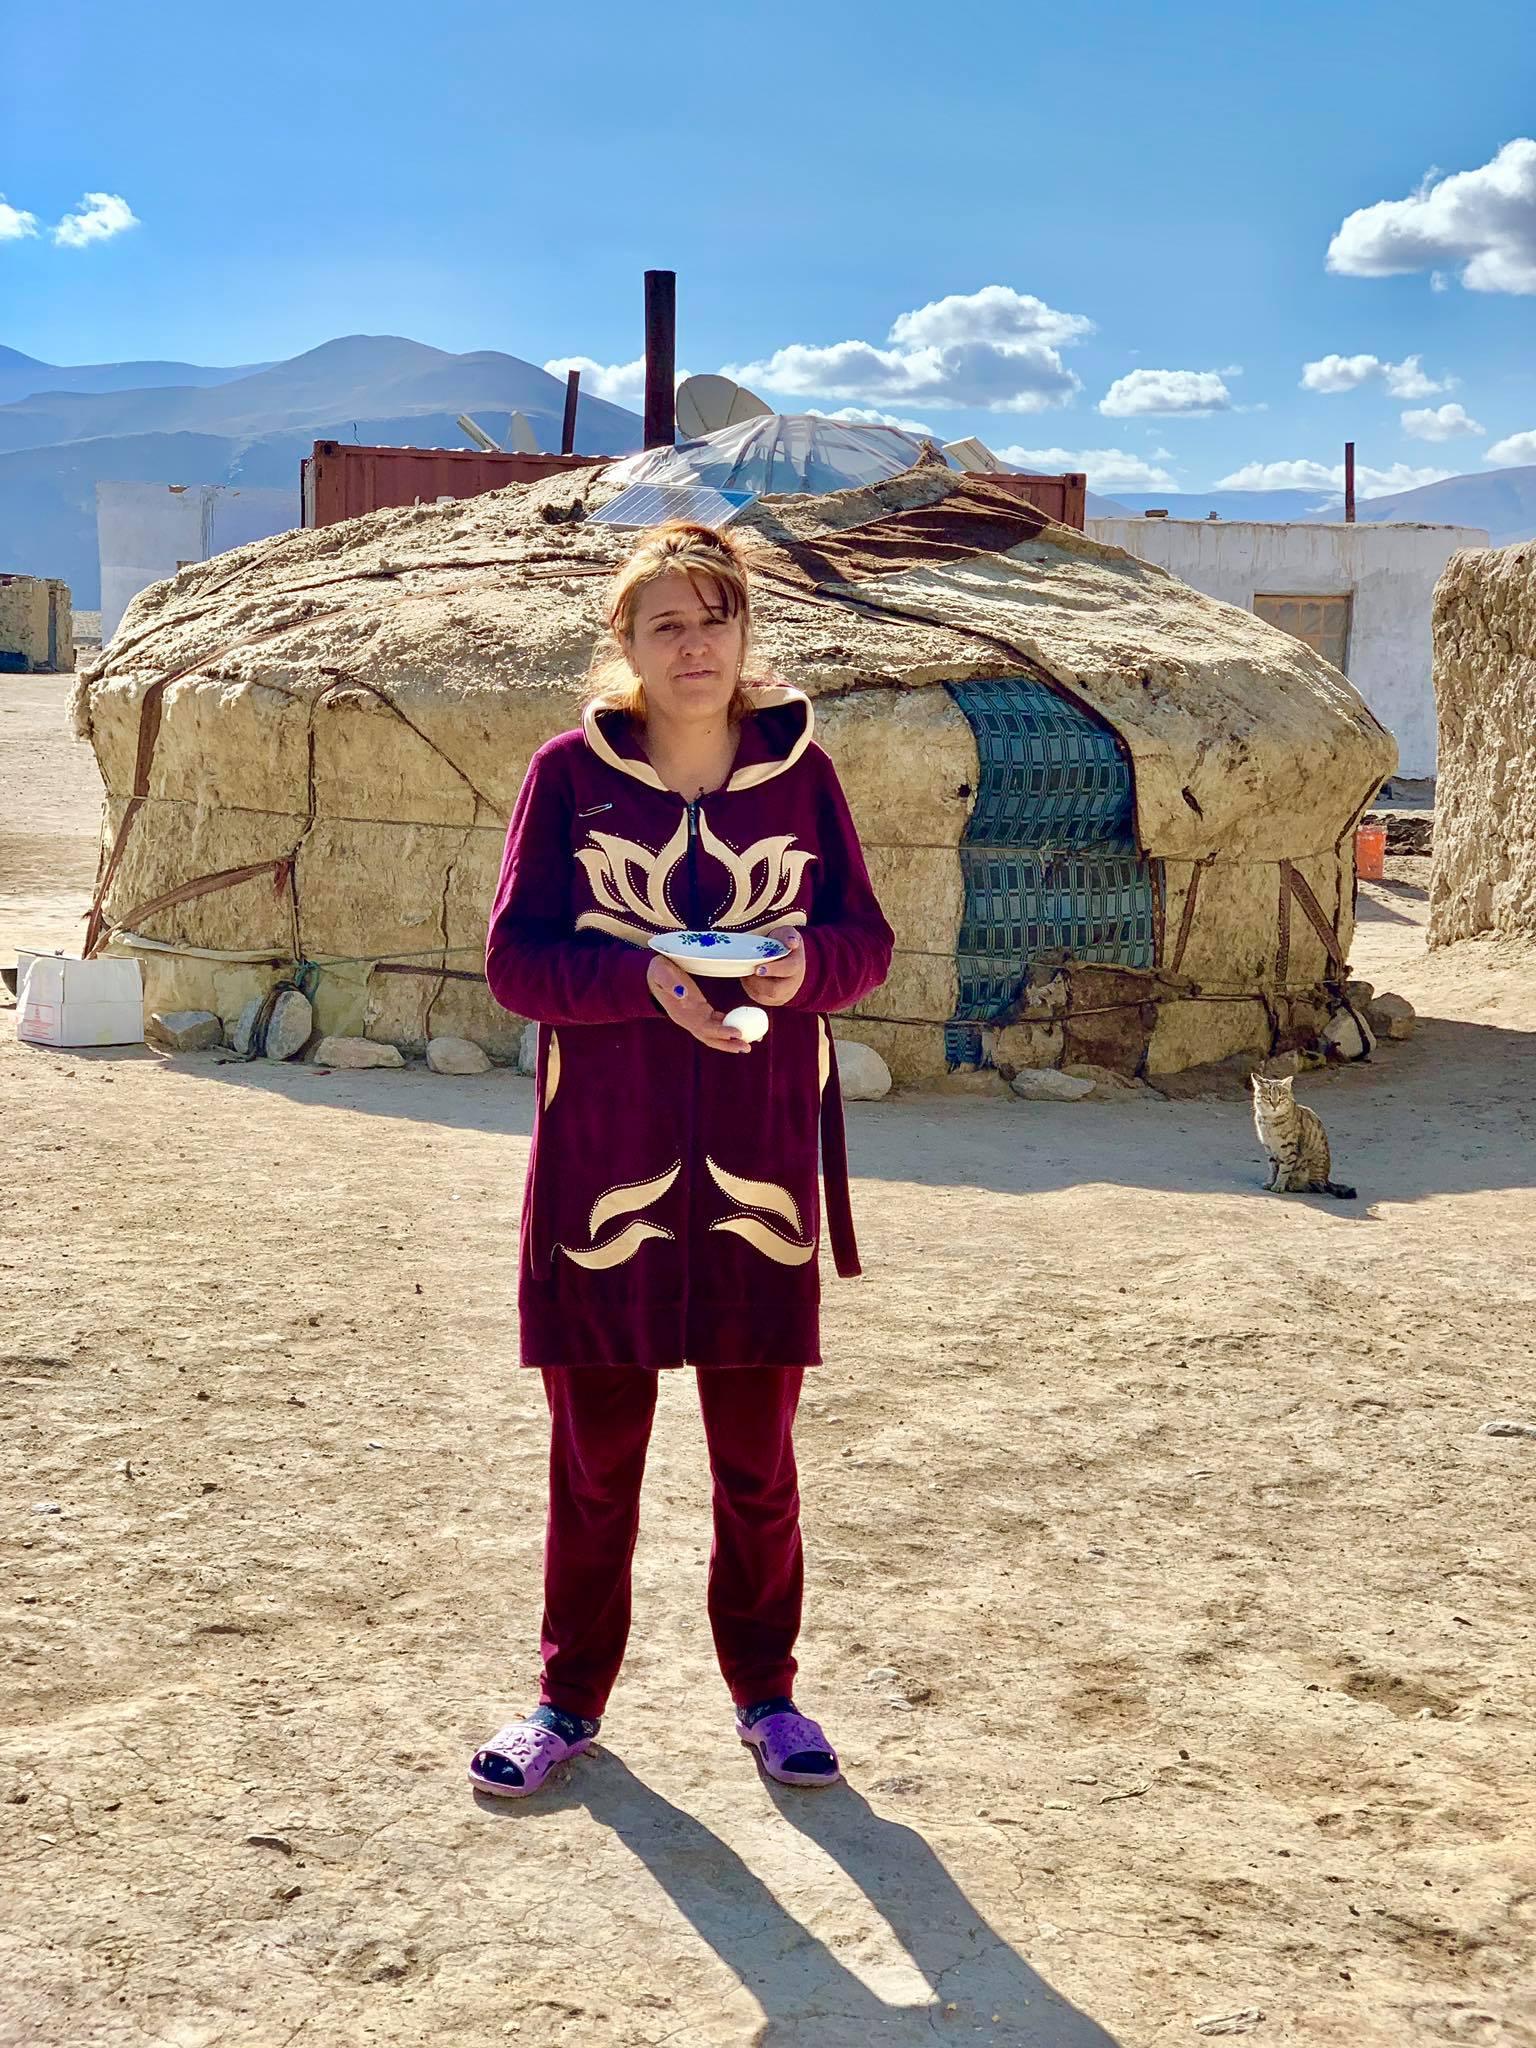 Kach Solo Travels in 2019 Homestay at Bulunkul Village37.jpg